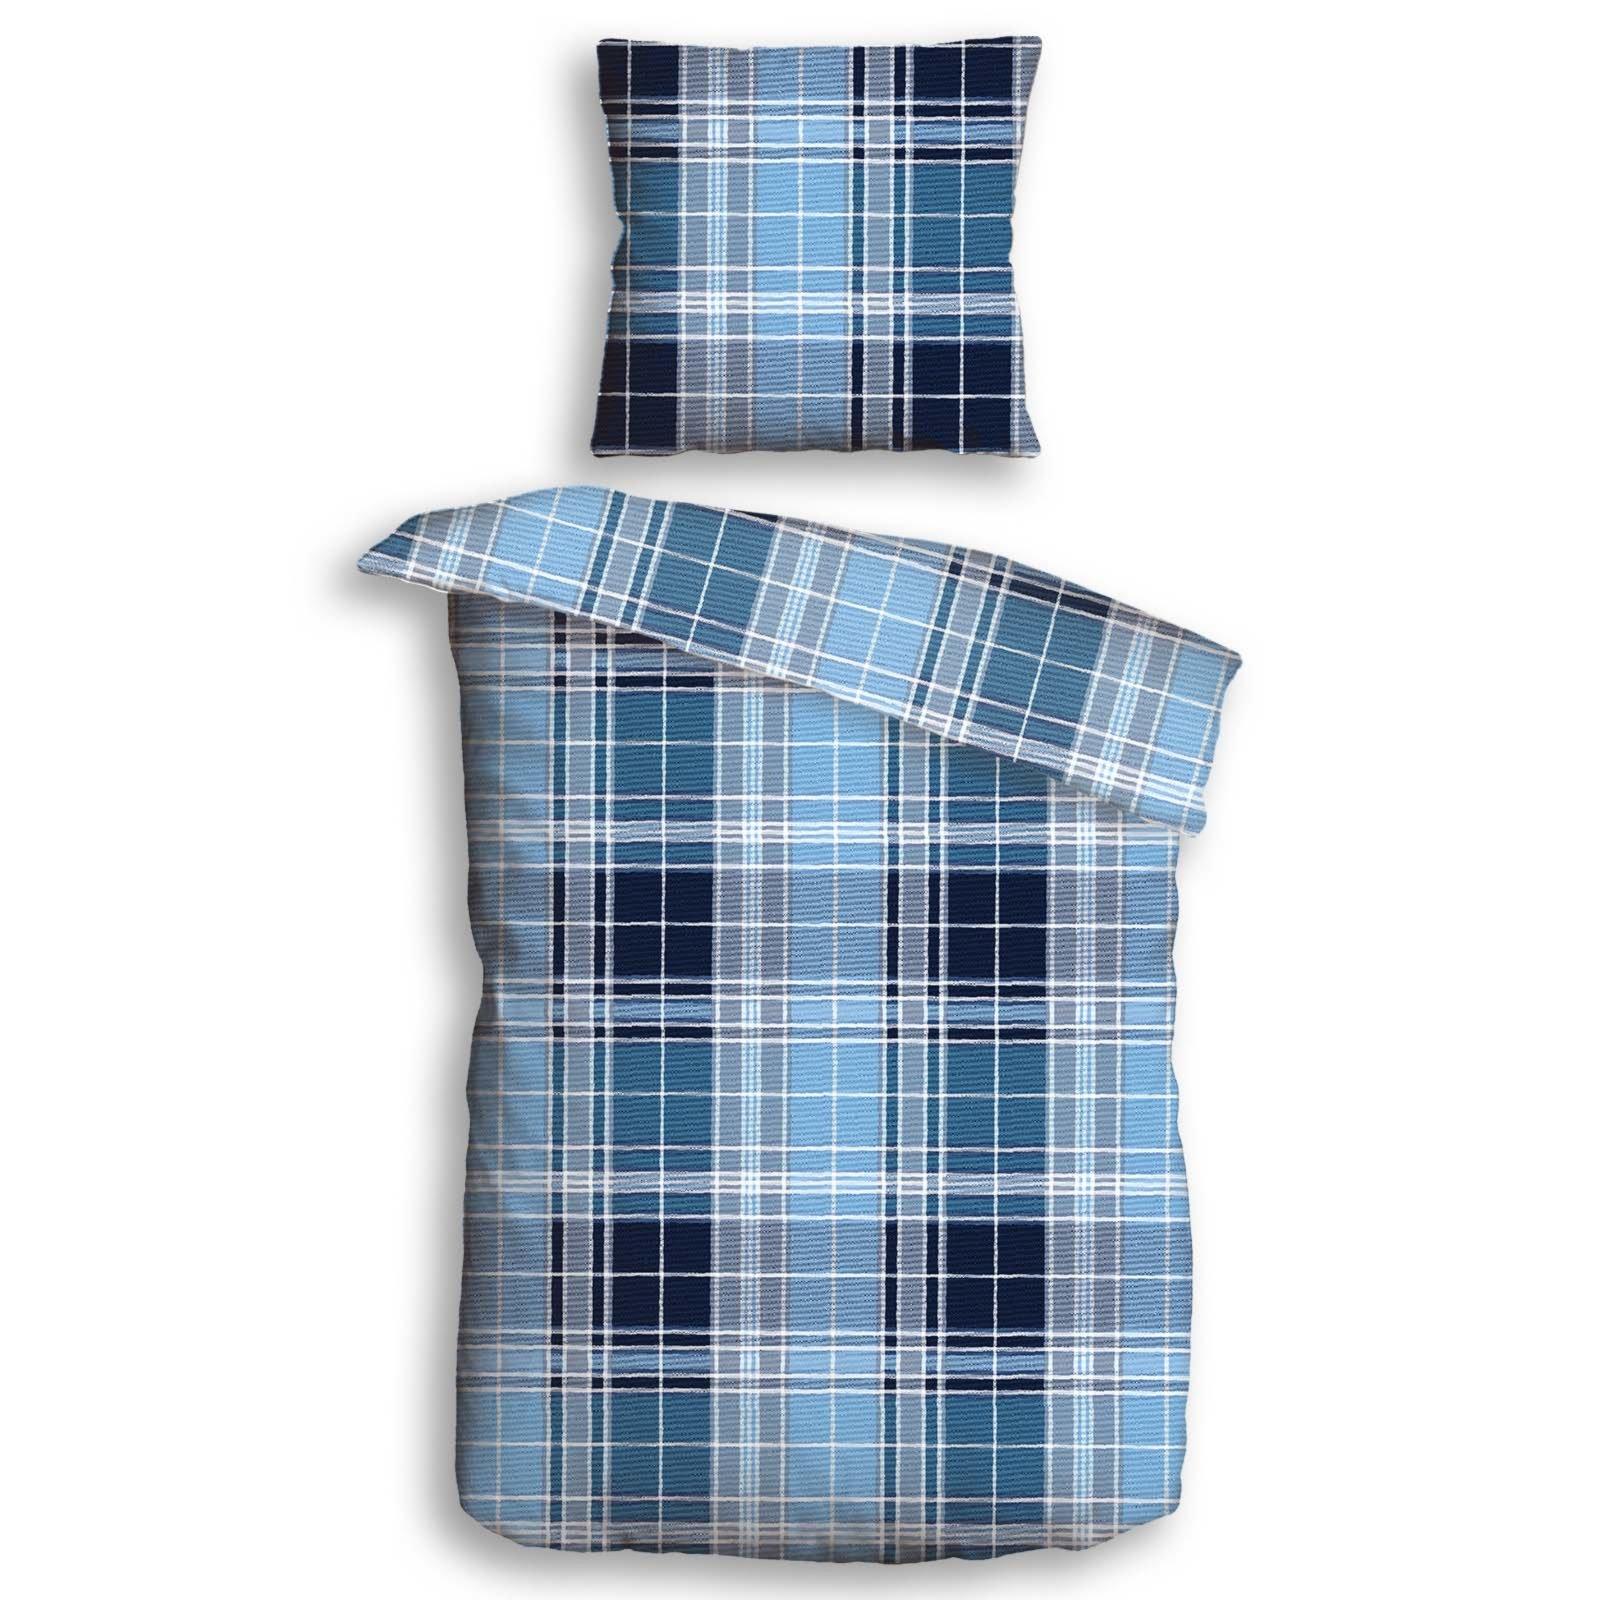 Flanell Bettwäsche Glasgow Blau 135x200 Cm Online Bei Roller